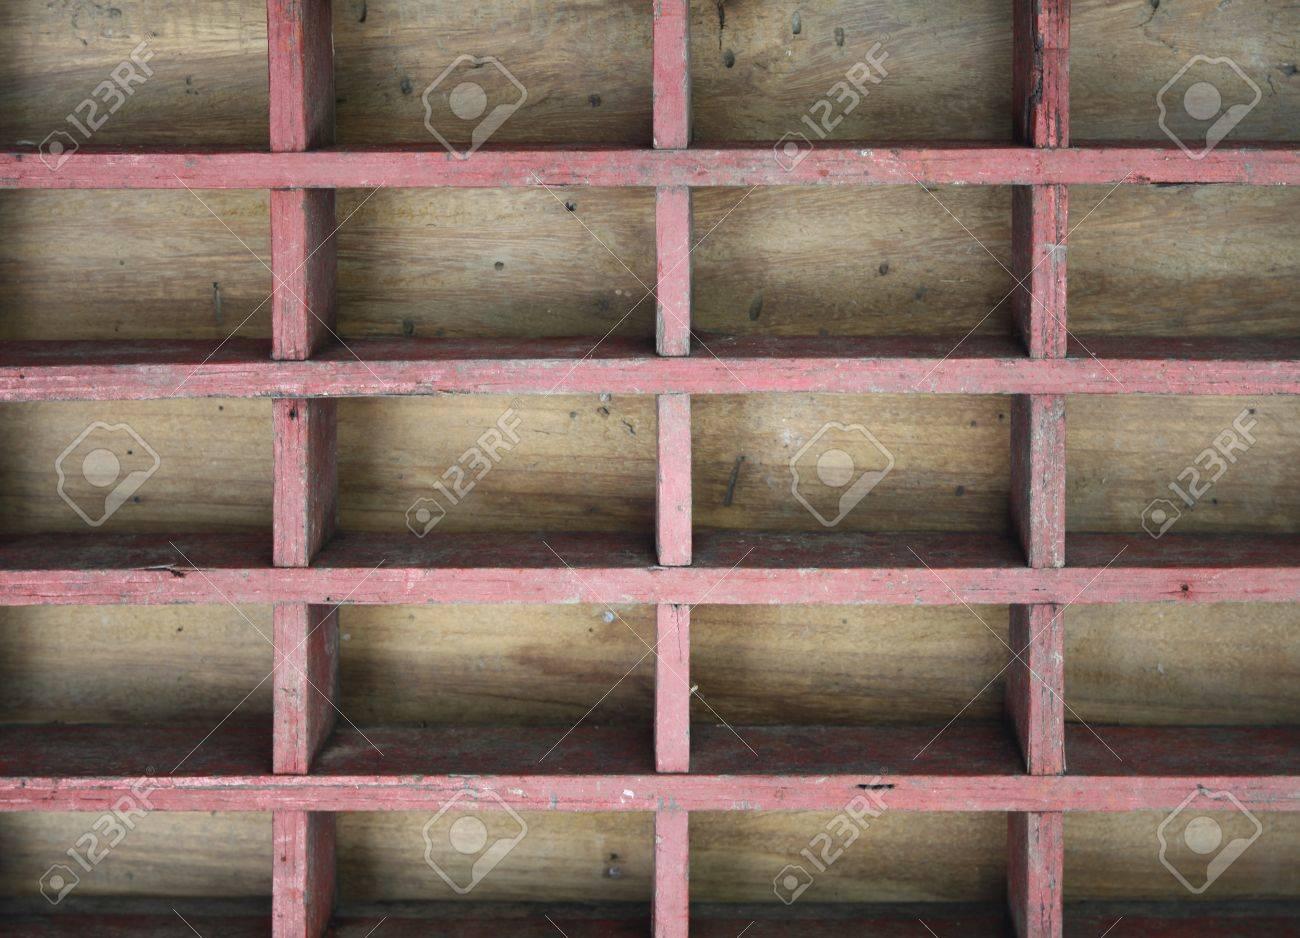 Vintage wood shelf block background Stock Photo - 14043063